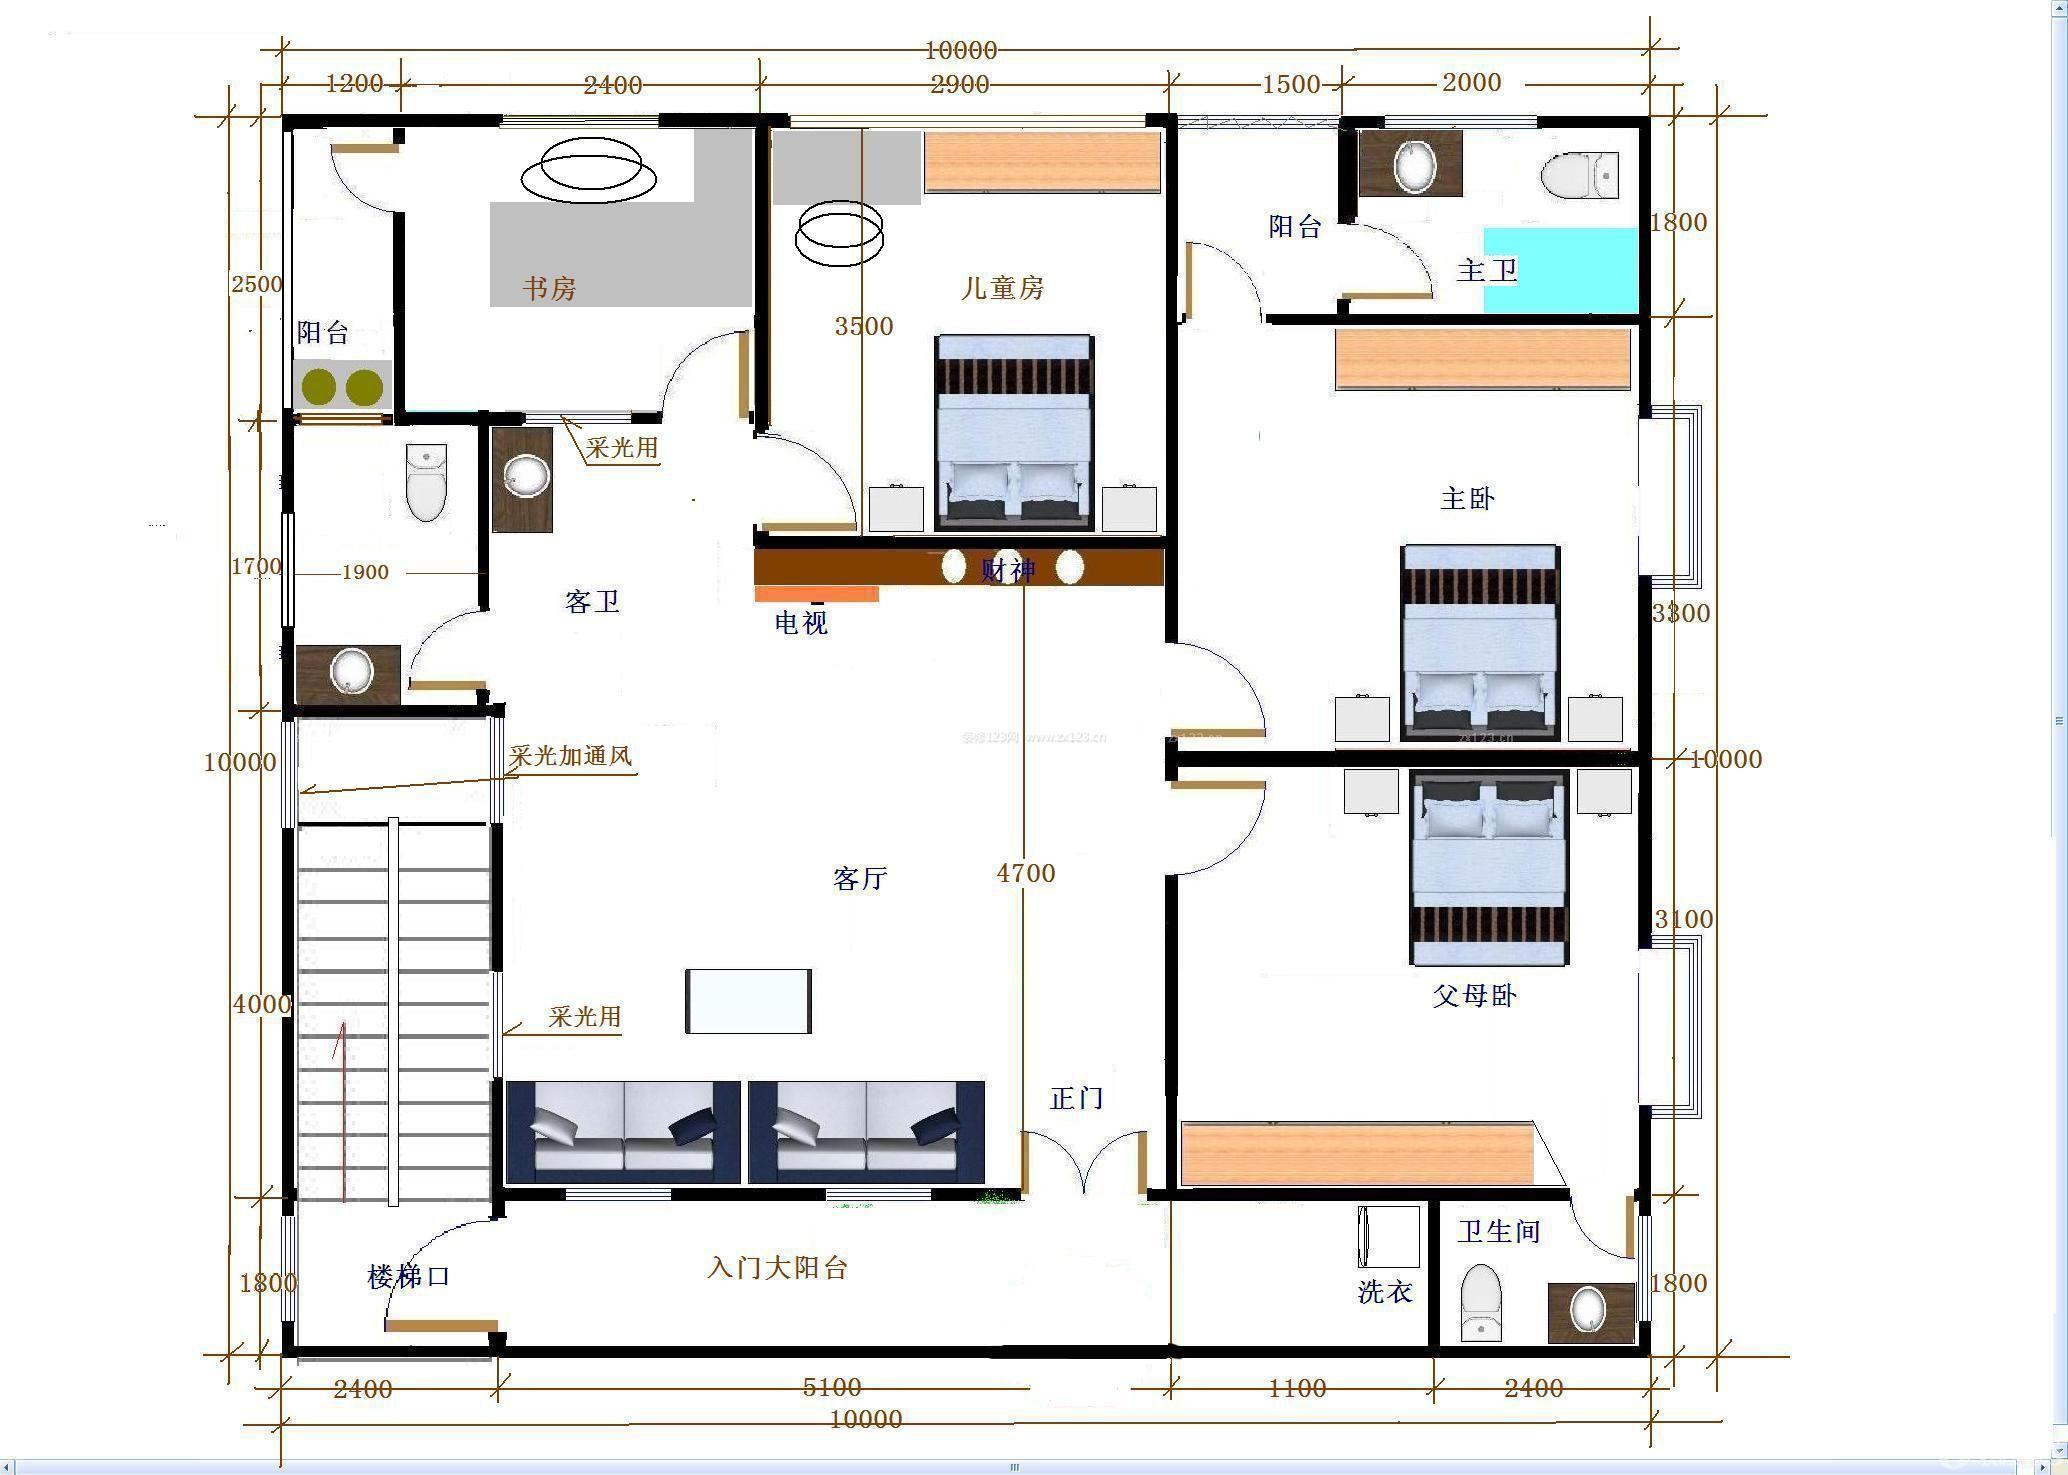 156平米房子农村自建房户型图大全